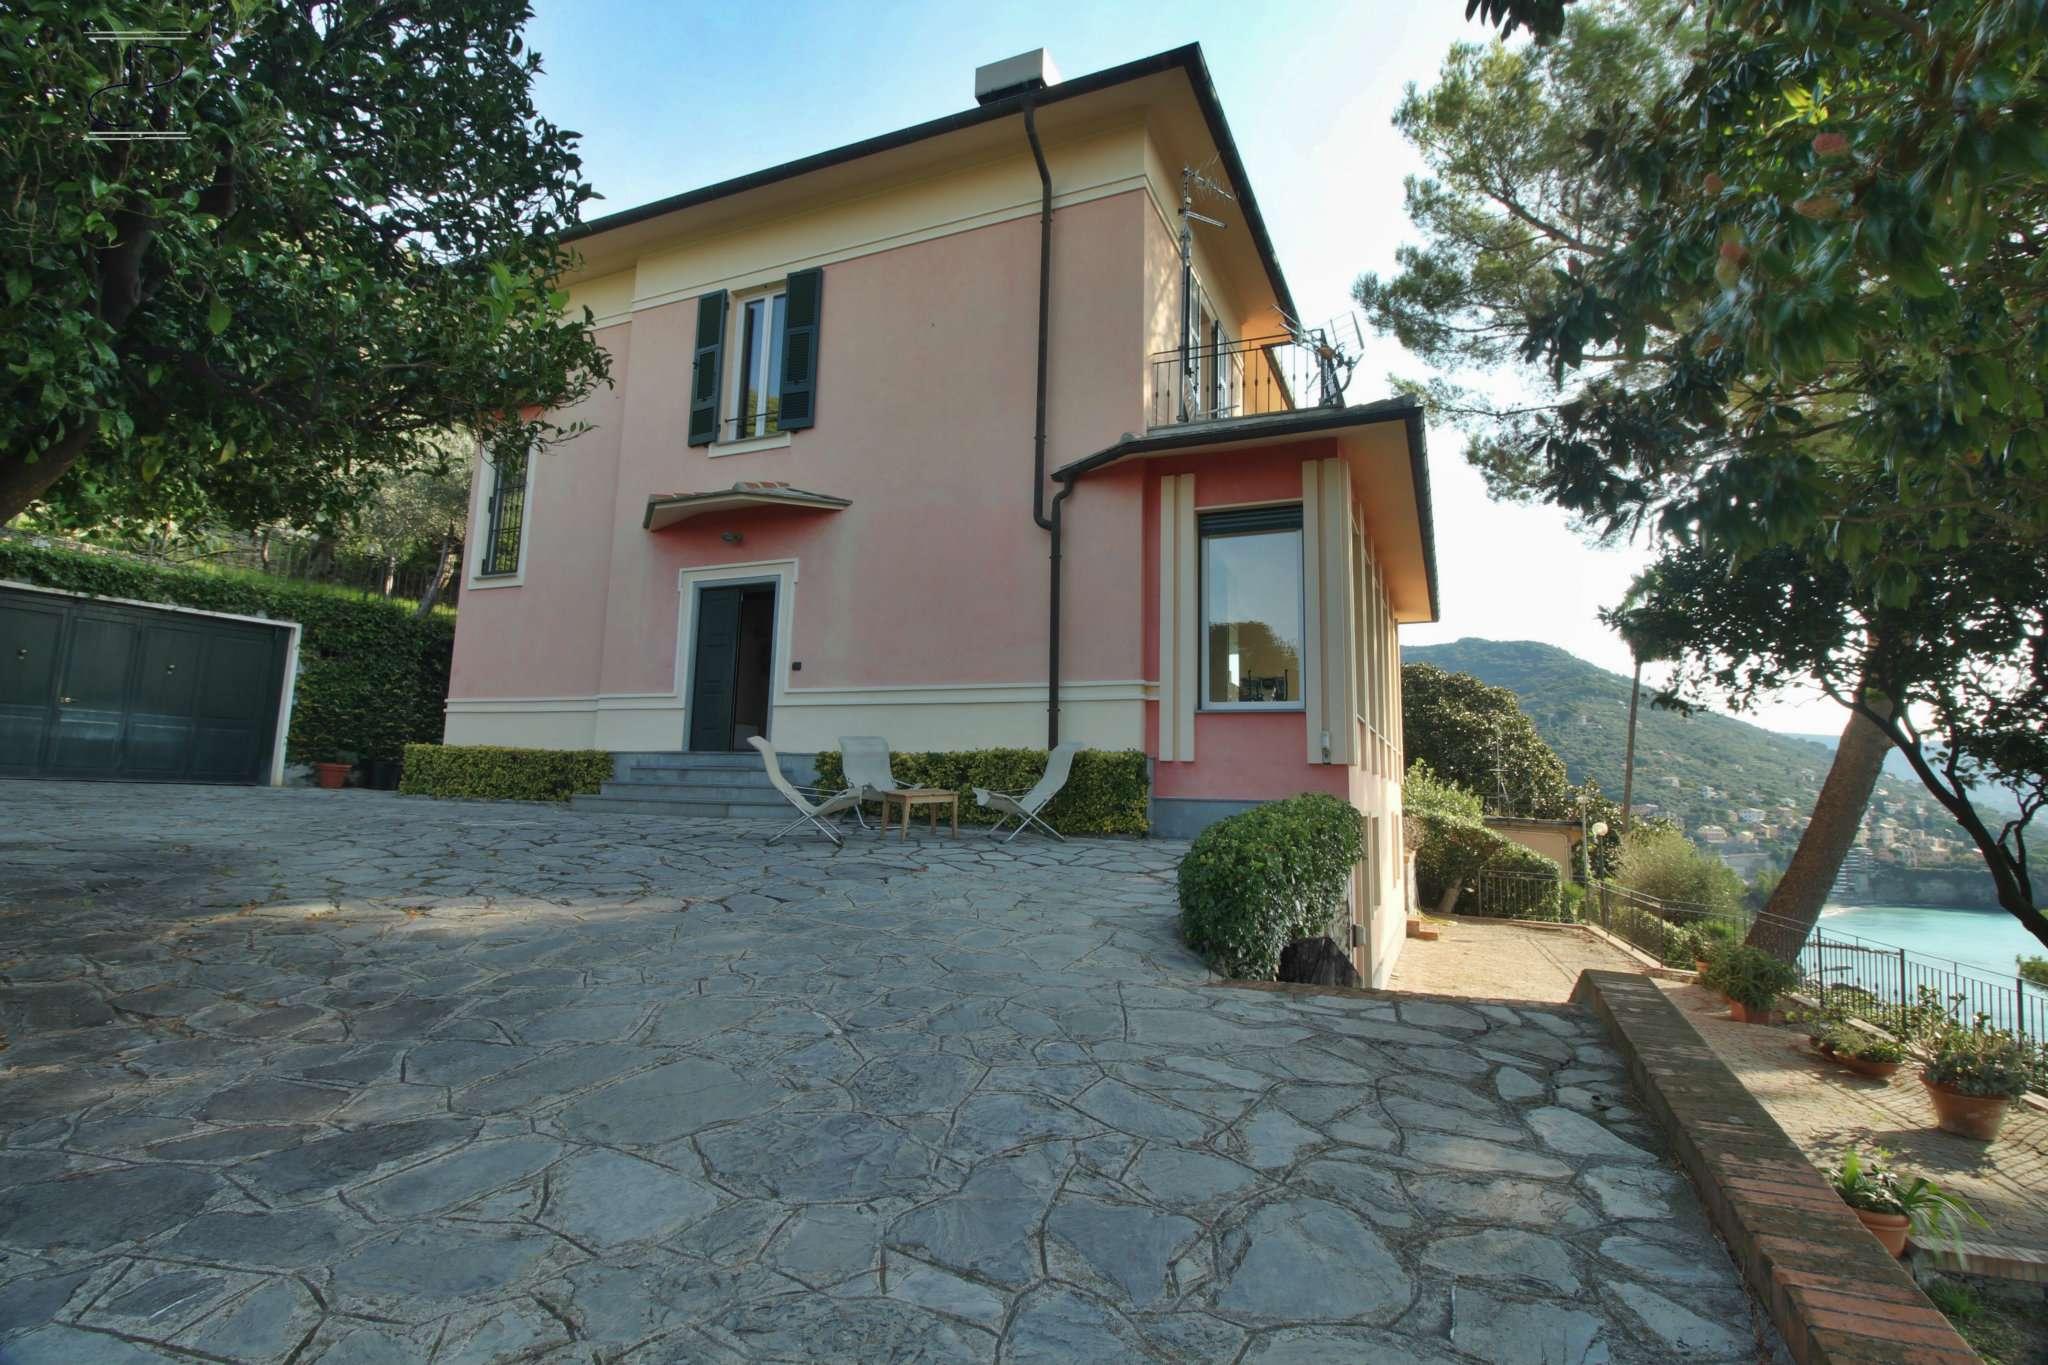 Villa in vendita a Pieve Ligure, 18 locali, prezzo € 3.800.000   CambioCasa.it